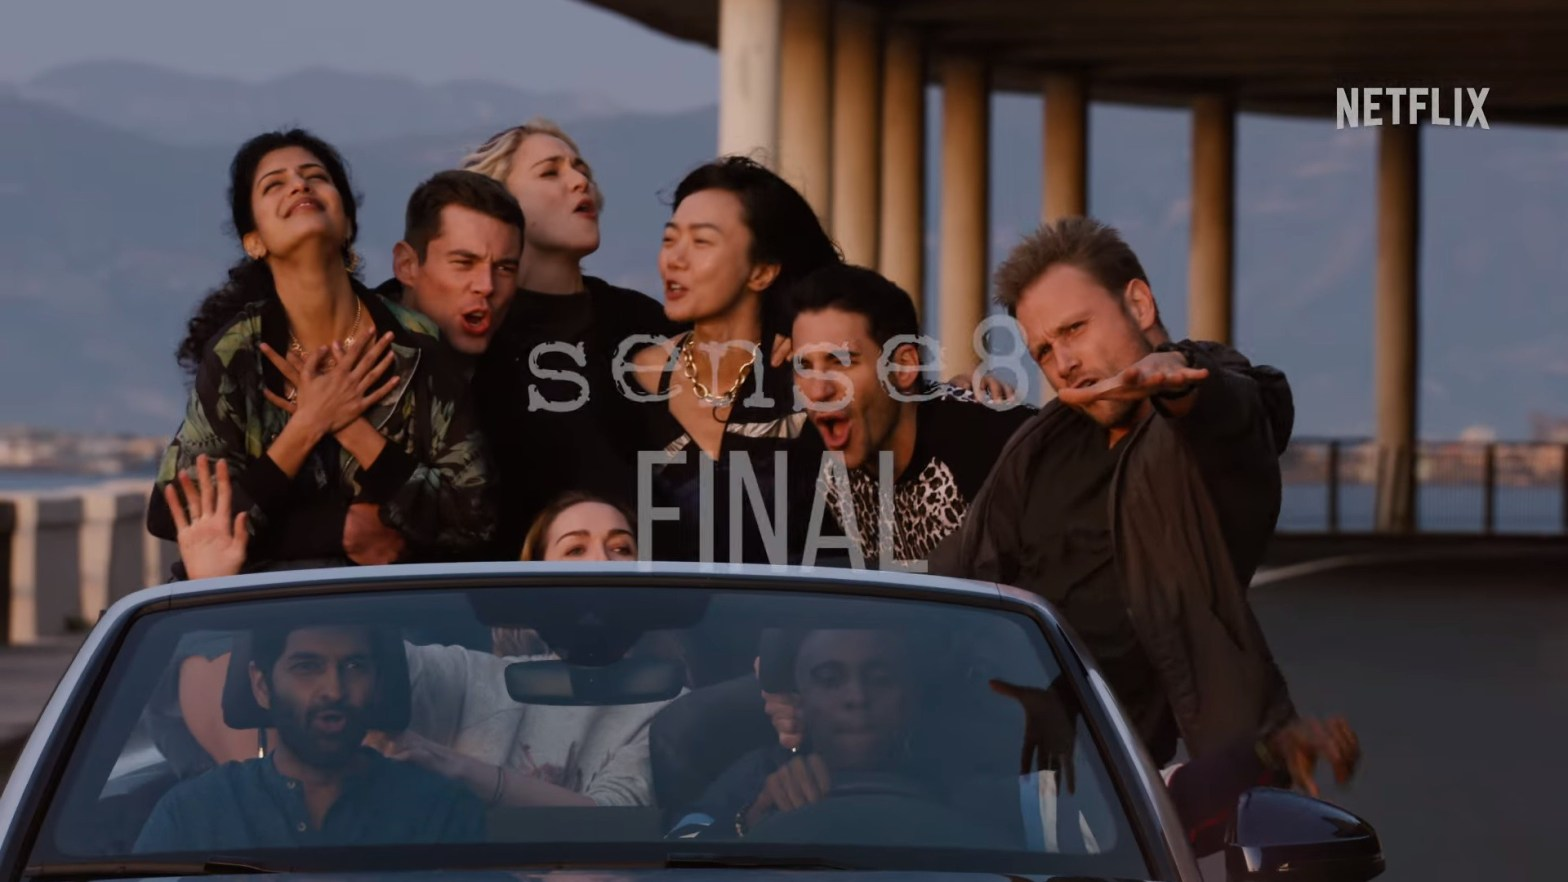 Netflix difunde el impactante trailer oficial del Final de Sense8